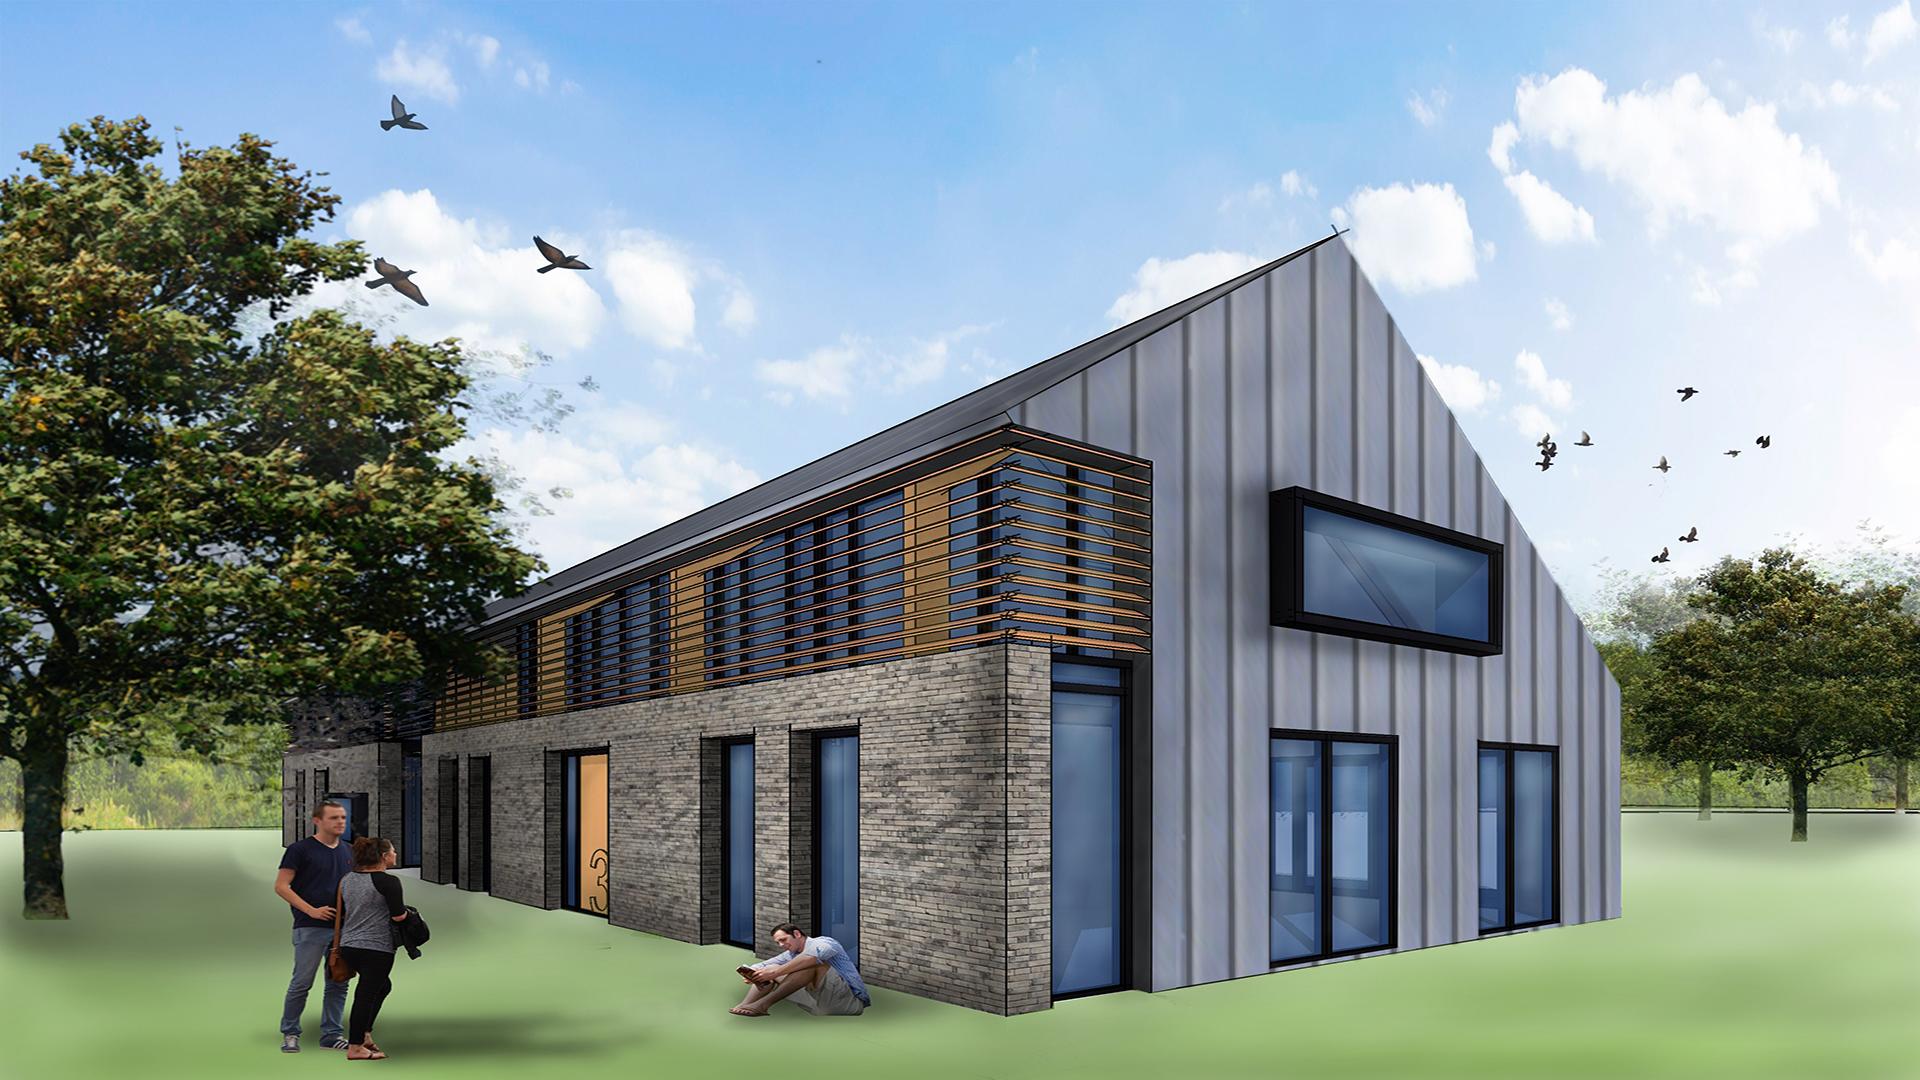 Dubbele schuurwoning te elst bouwbedrijf h w joosten for Bouwbedrijf huizen